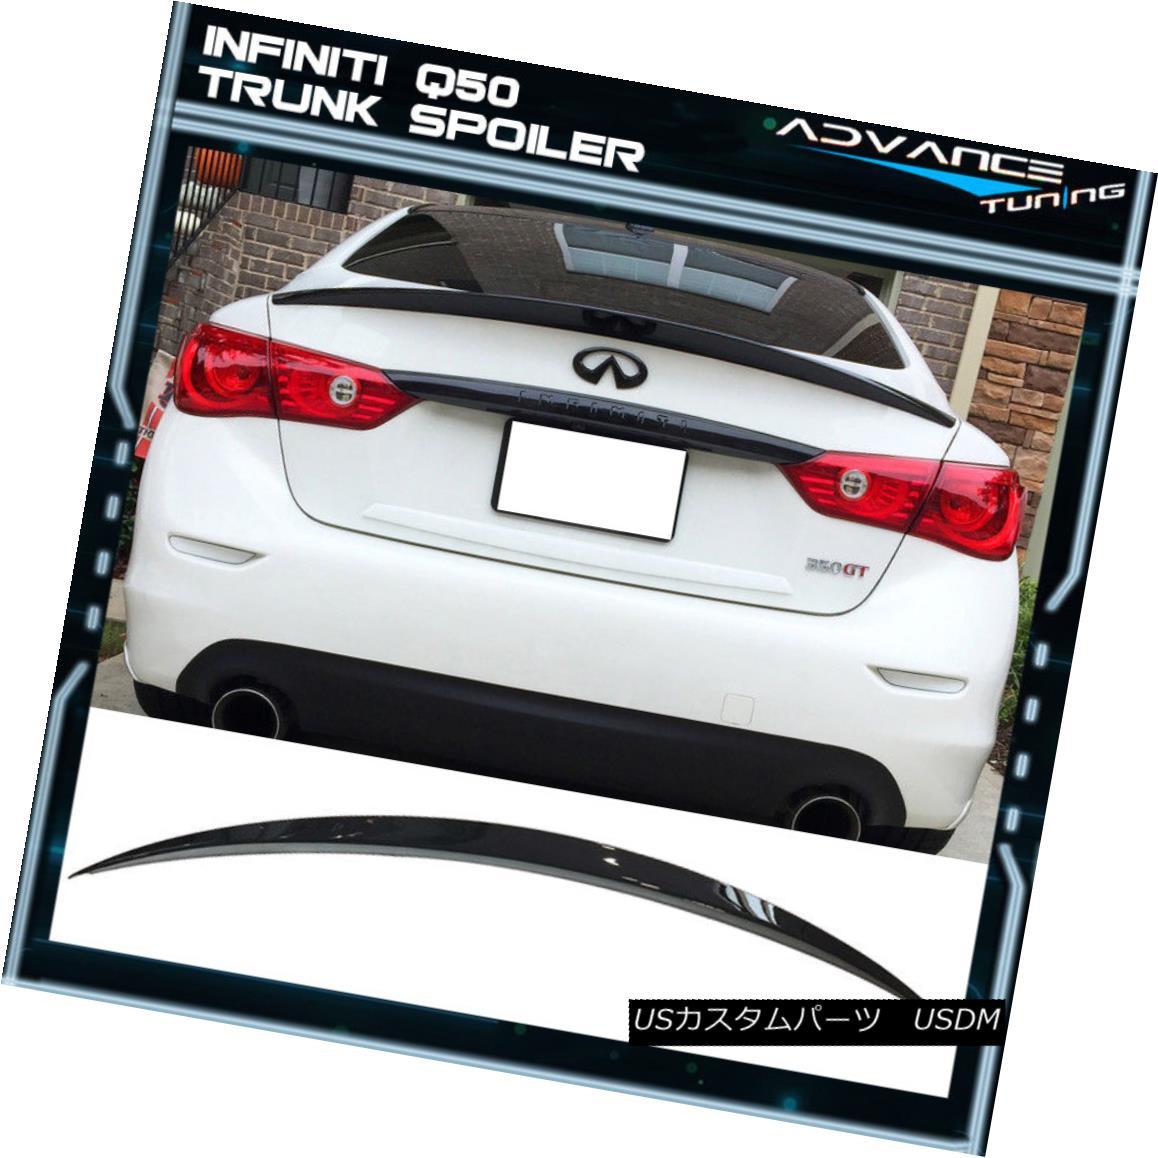 エアロパーツ For 14-18 Infiniti Q50 Sedan 4Dr ER Eau Style Trunk Spoiler - ABS Glossy Black 14-18インフィニティQ50セダン4Dr ERオースタイルのトランク・スポイラー - ABSグロッシー・ブラック